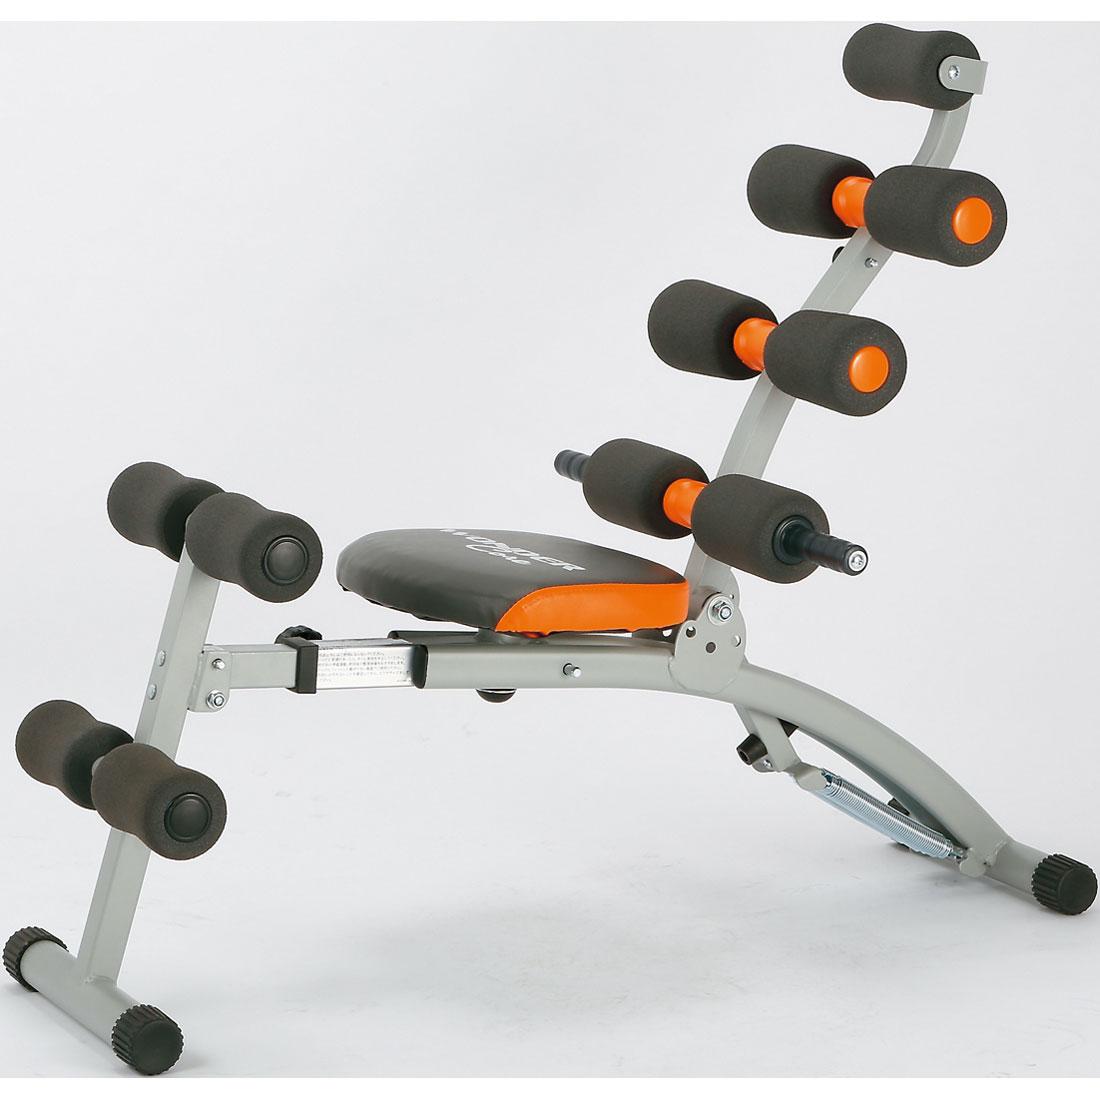 腹筋ワンダーコアの効果的な使い方完全版。最速で腹筋を割る方法も公開